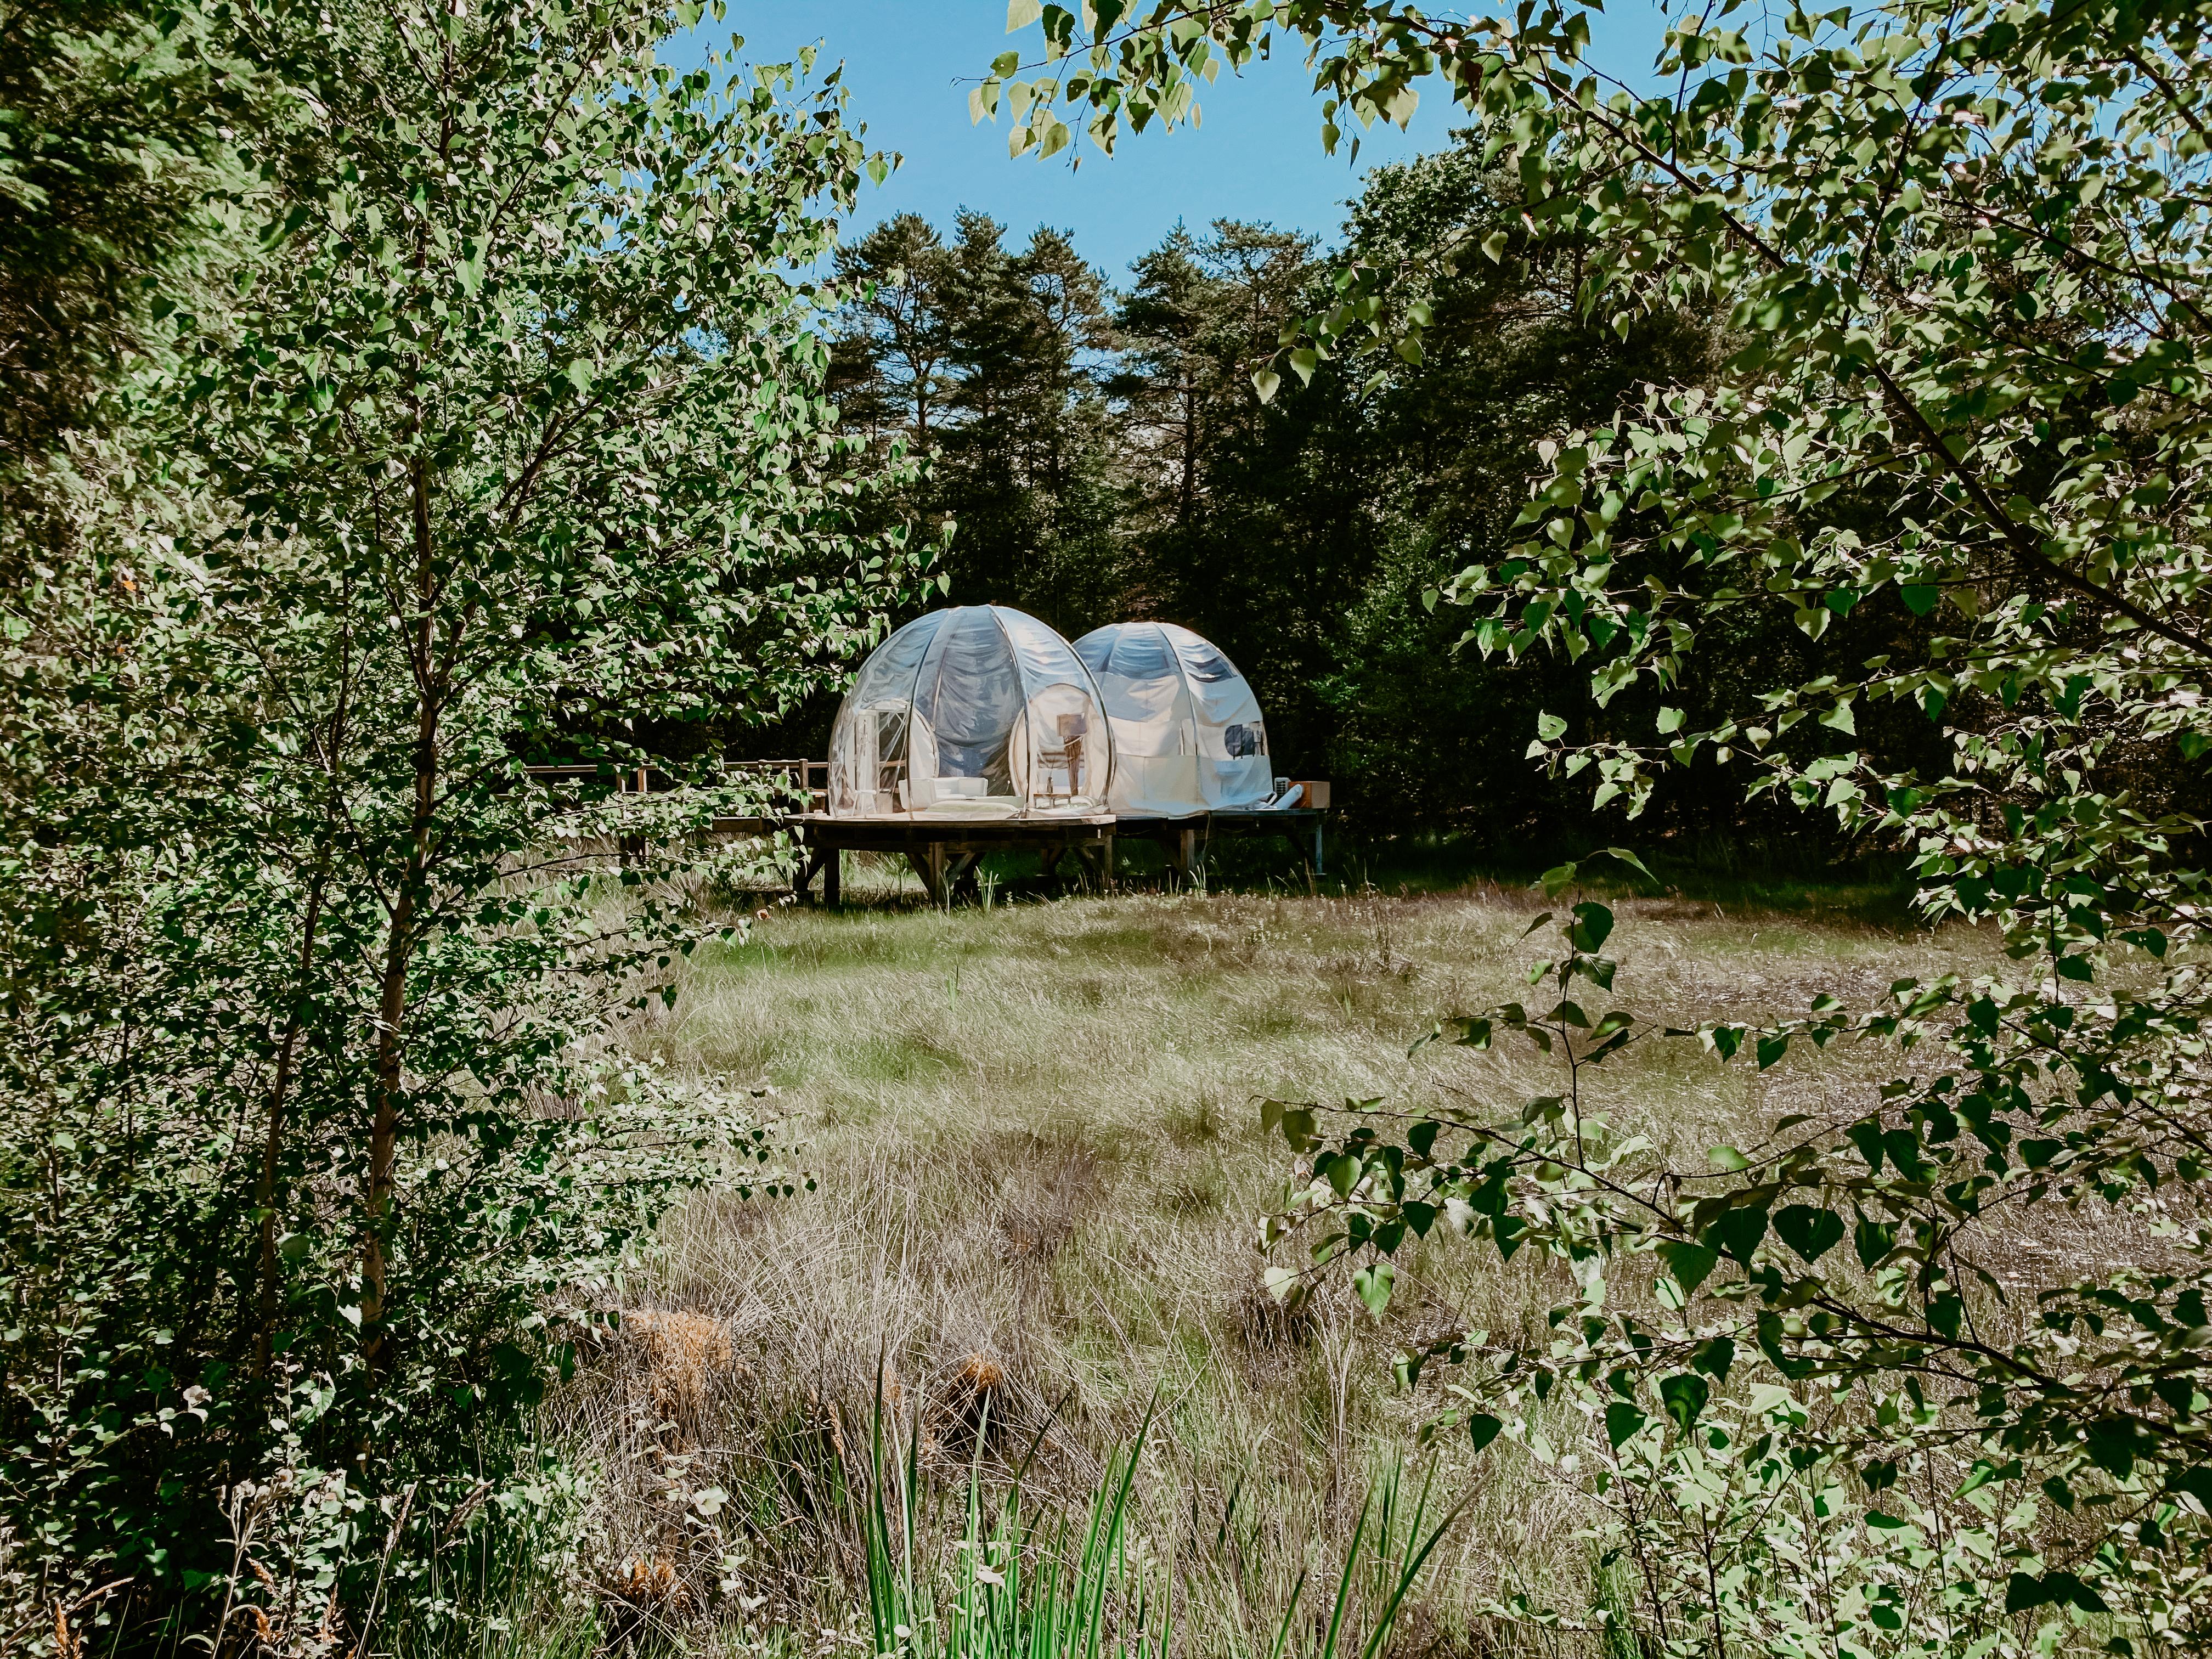 Bulles de Sologne | dormir dans une bulle | nuit insolite